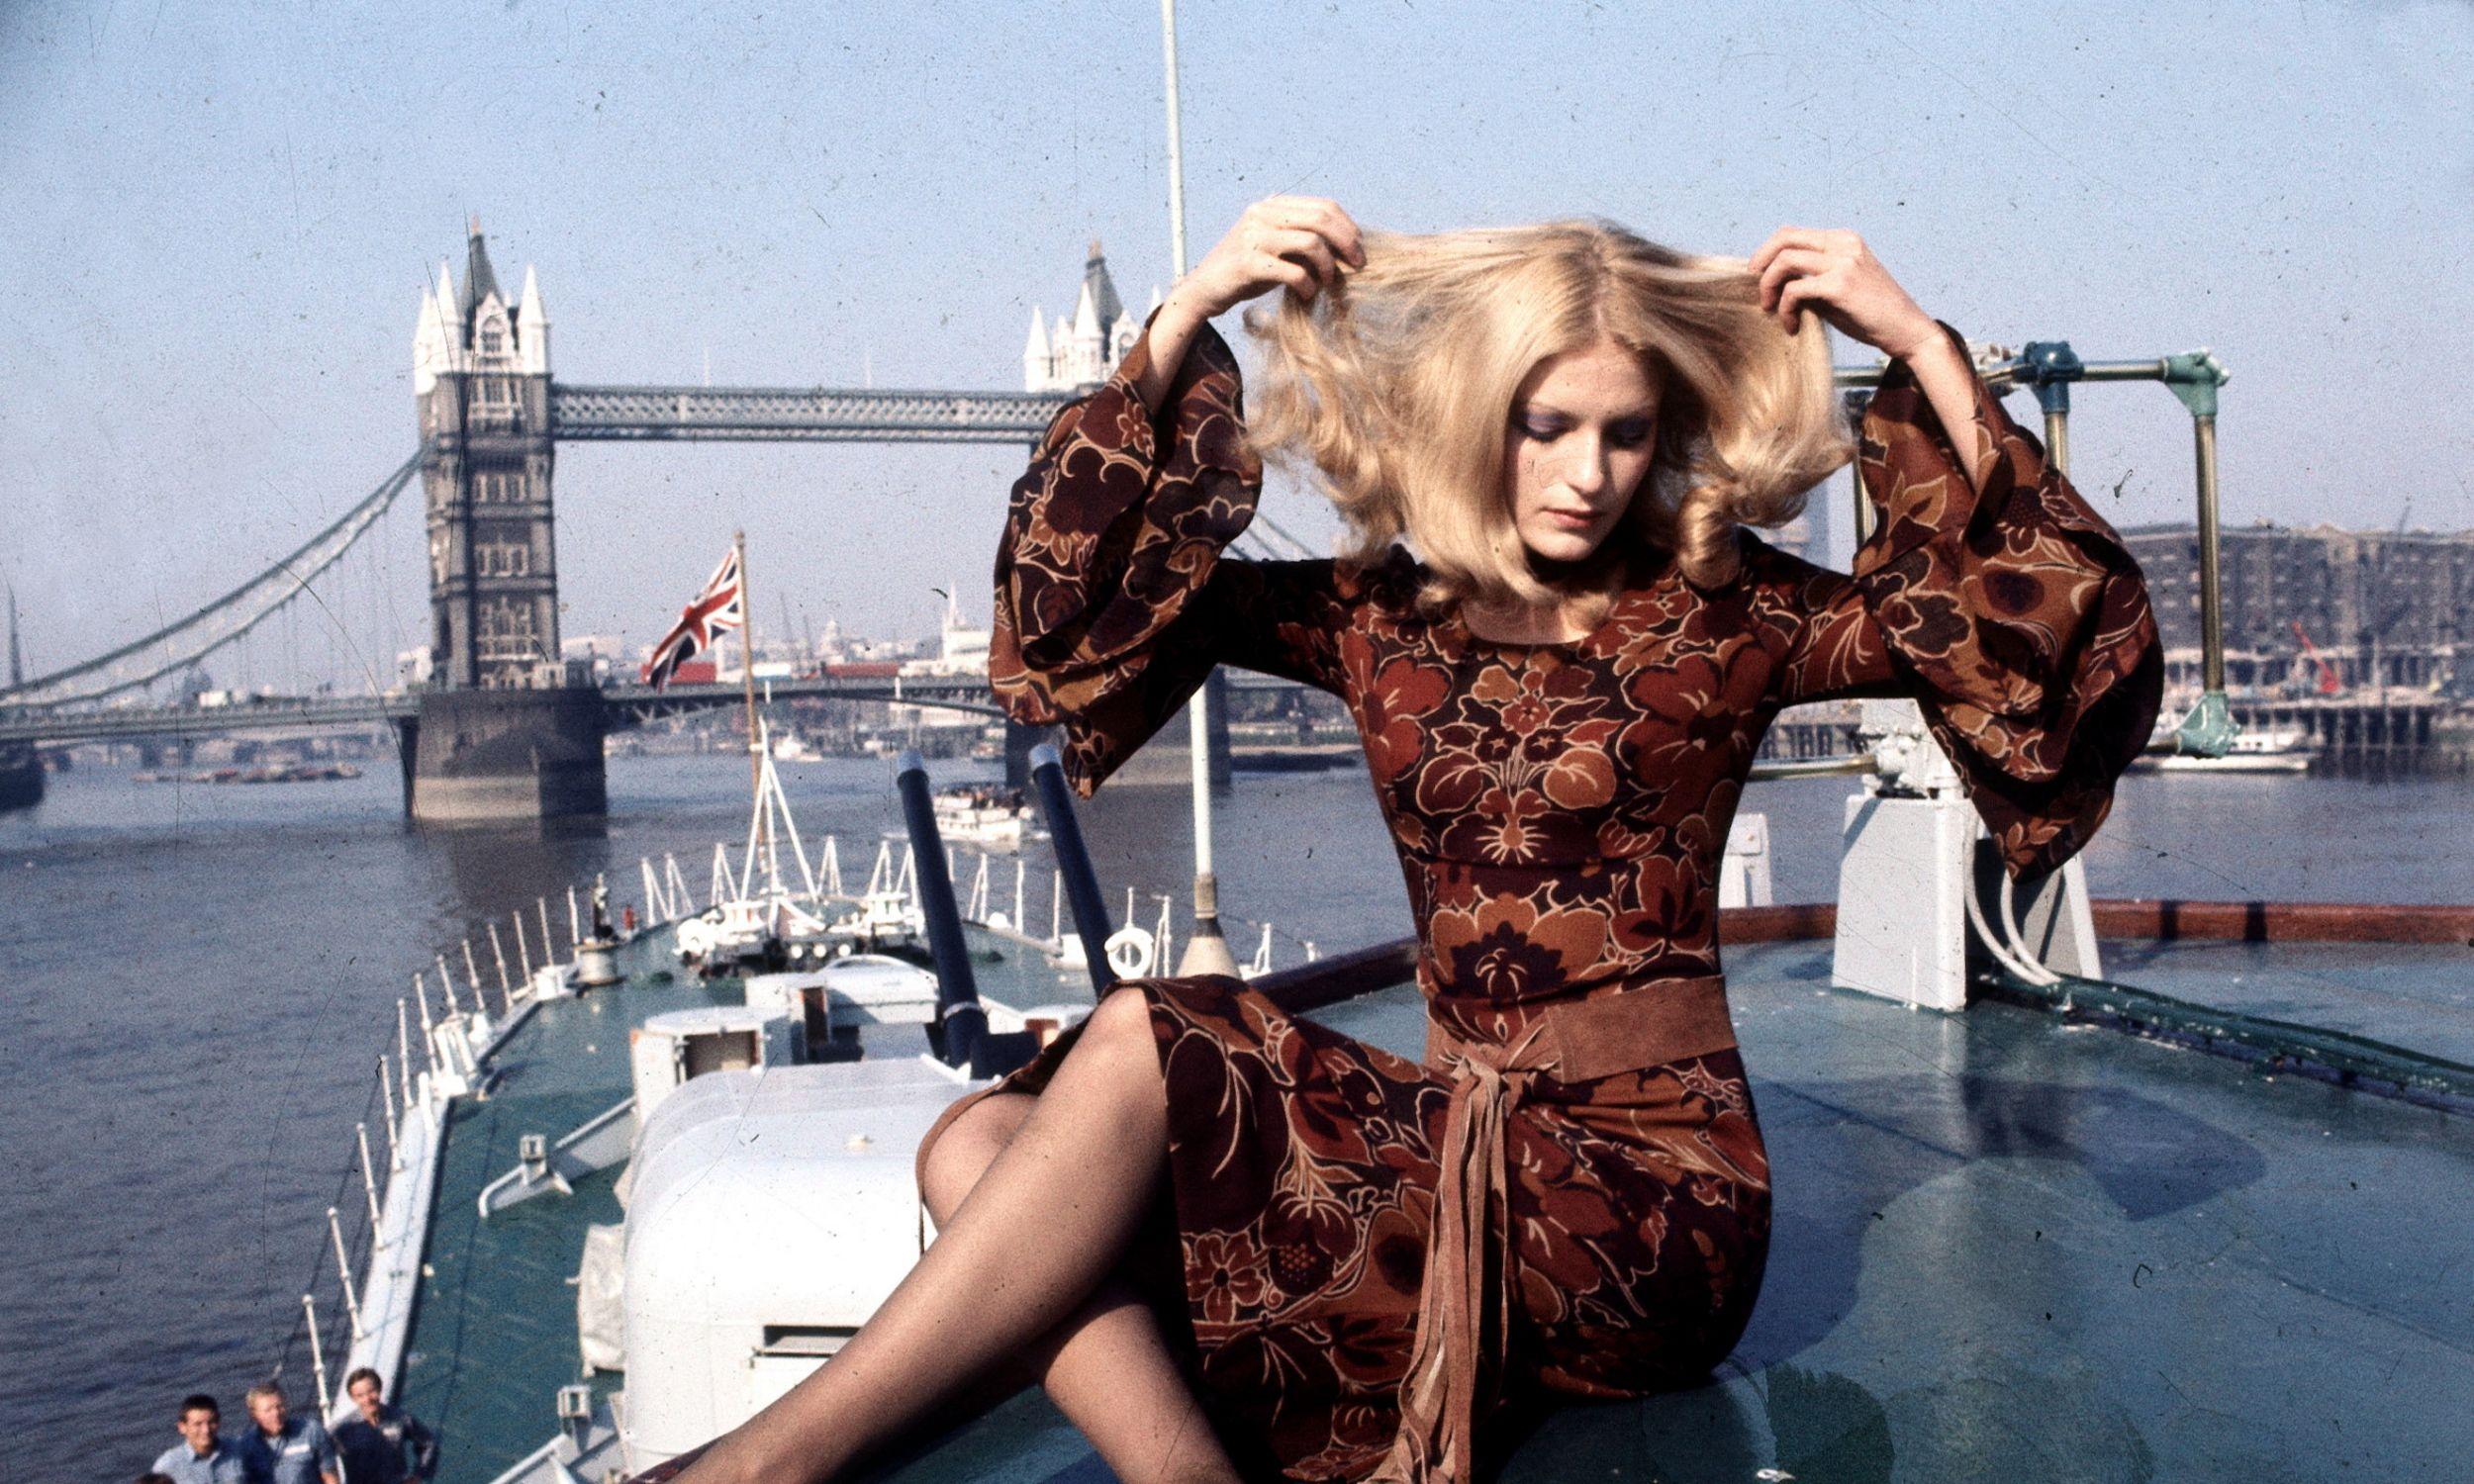 Modelka w ubraniu z kolekcji Mary Quant, 1971 r. Fot. Wieczorek / ullstein bild via Getty Images